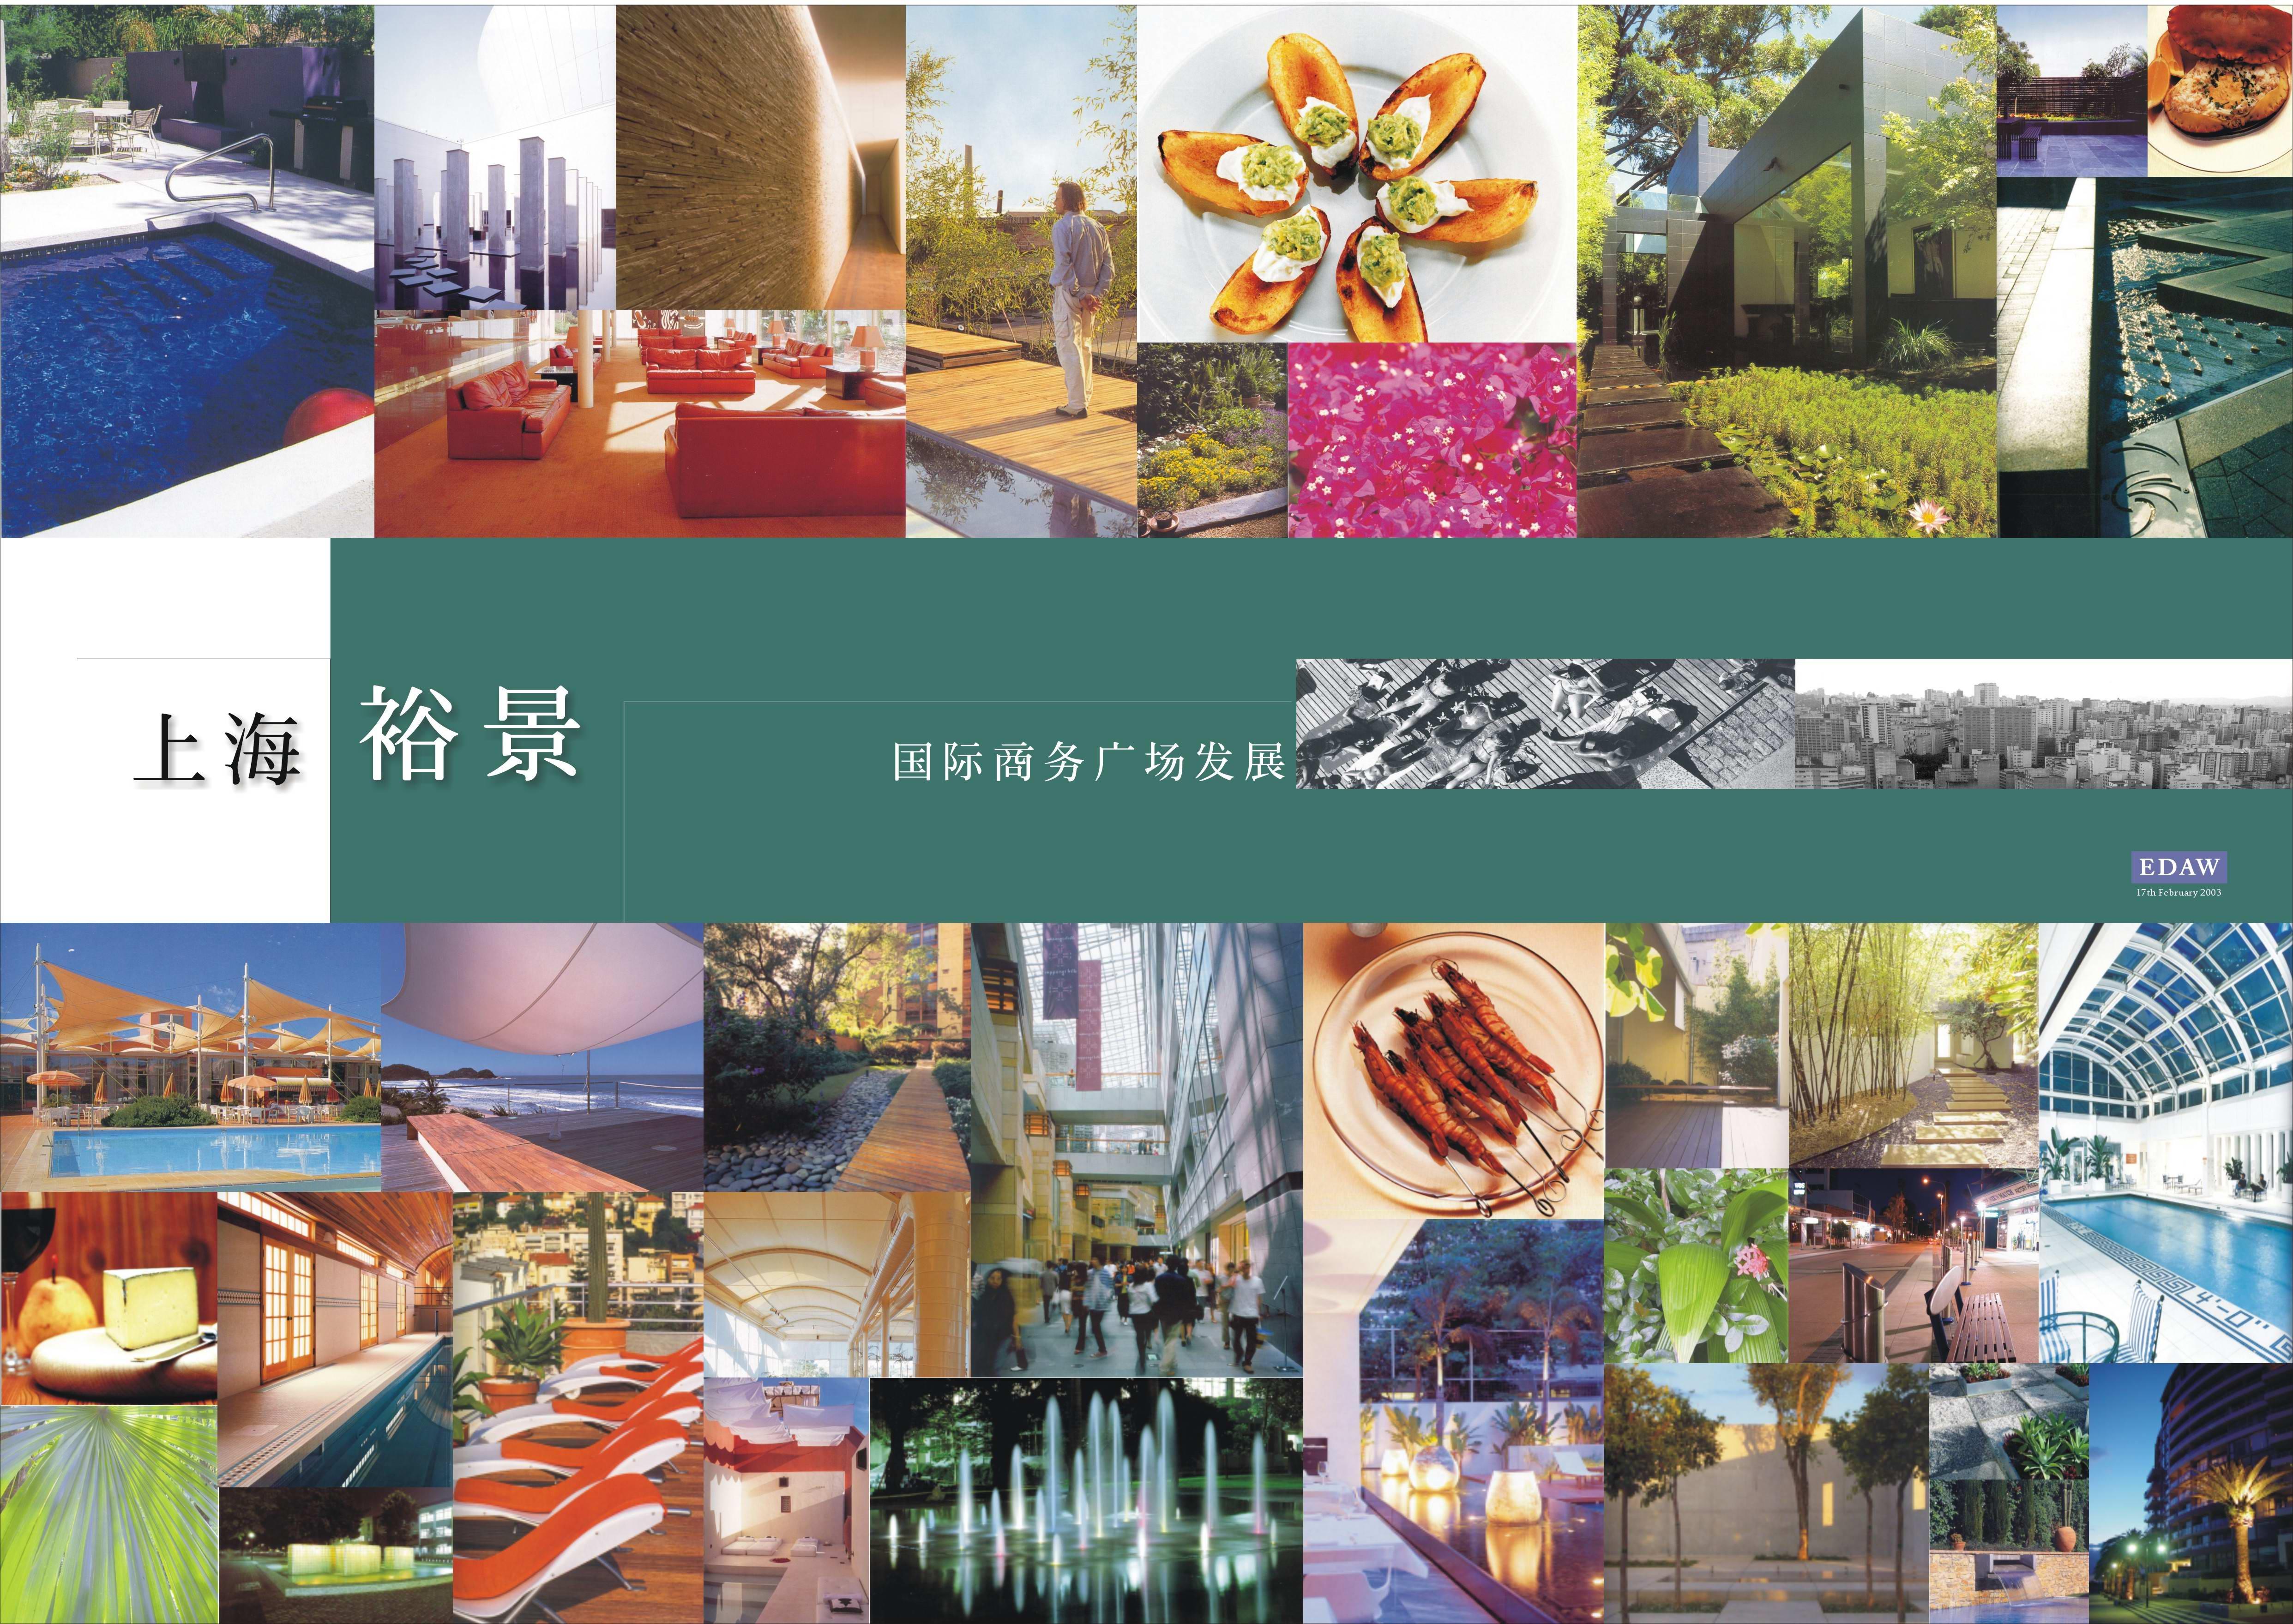 上海小区园林景观设计方案图片1